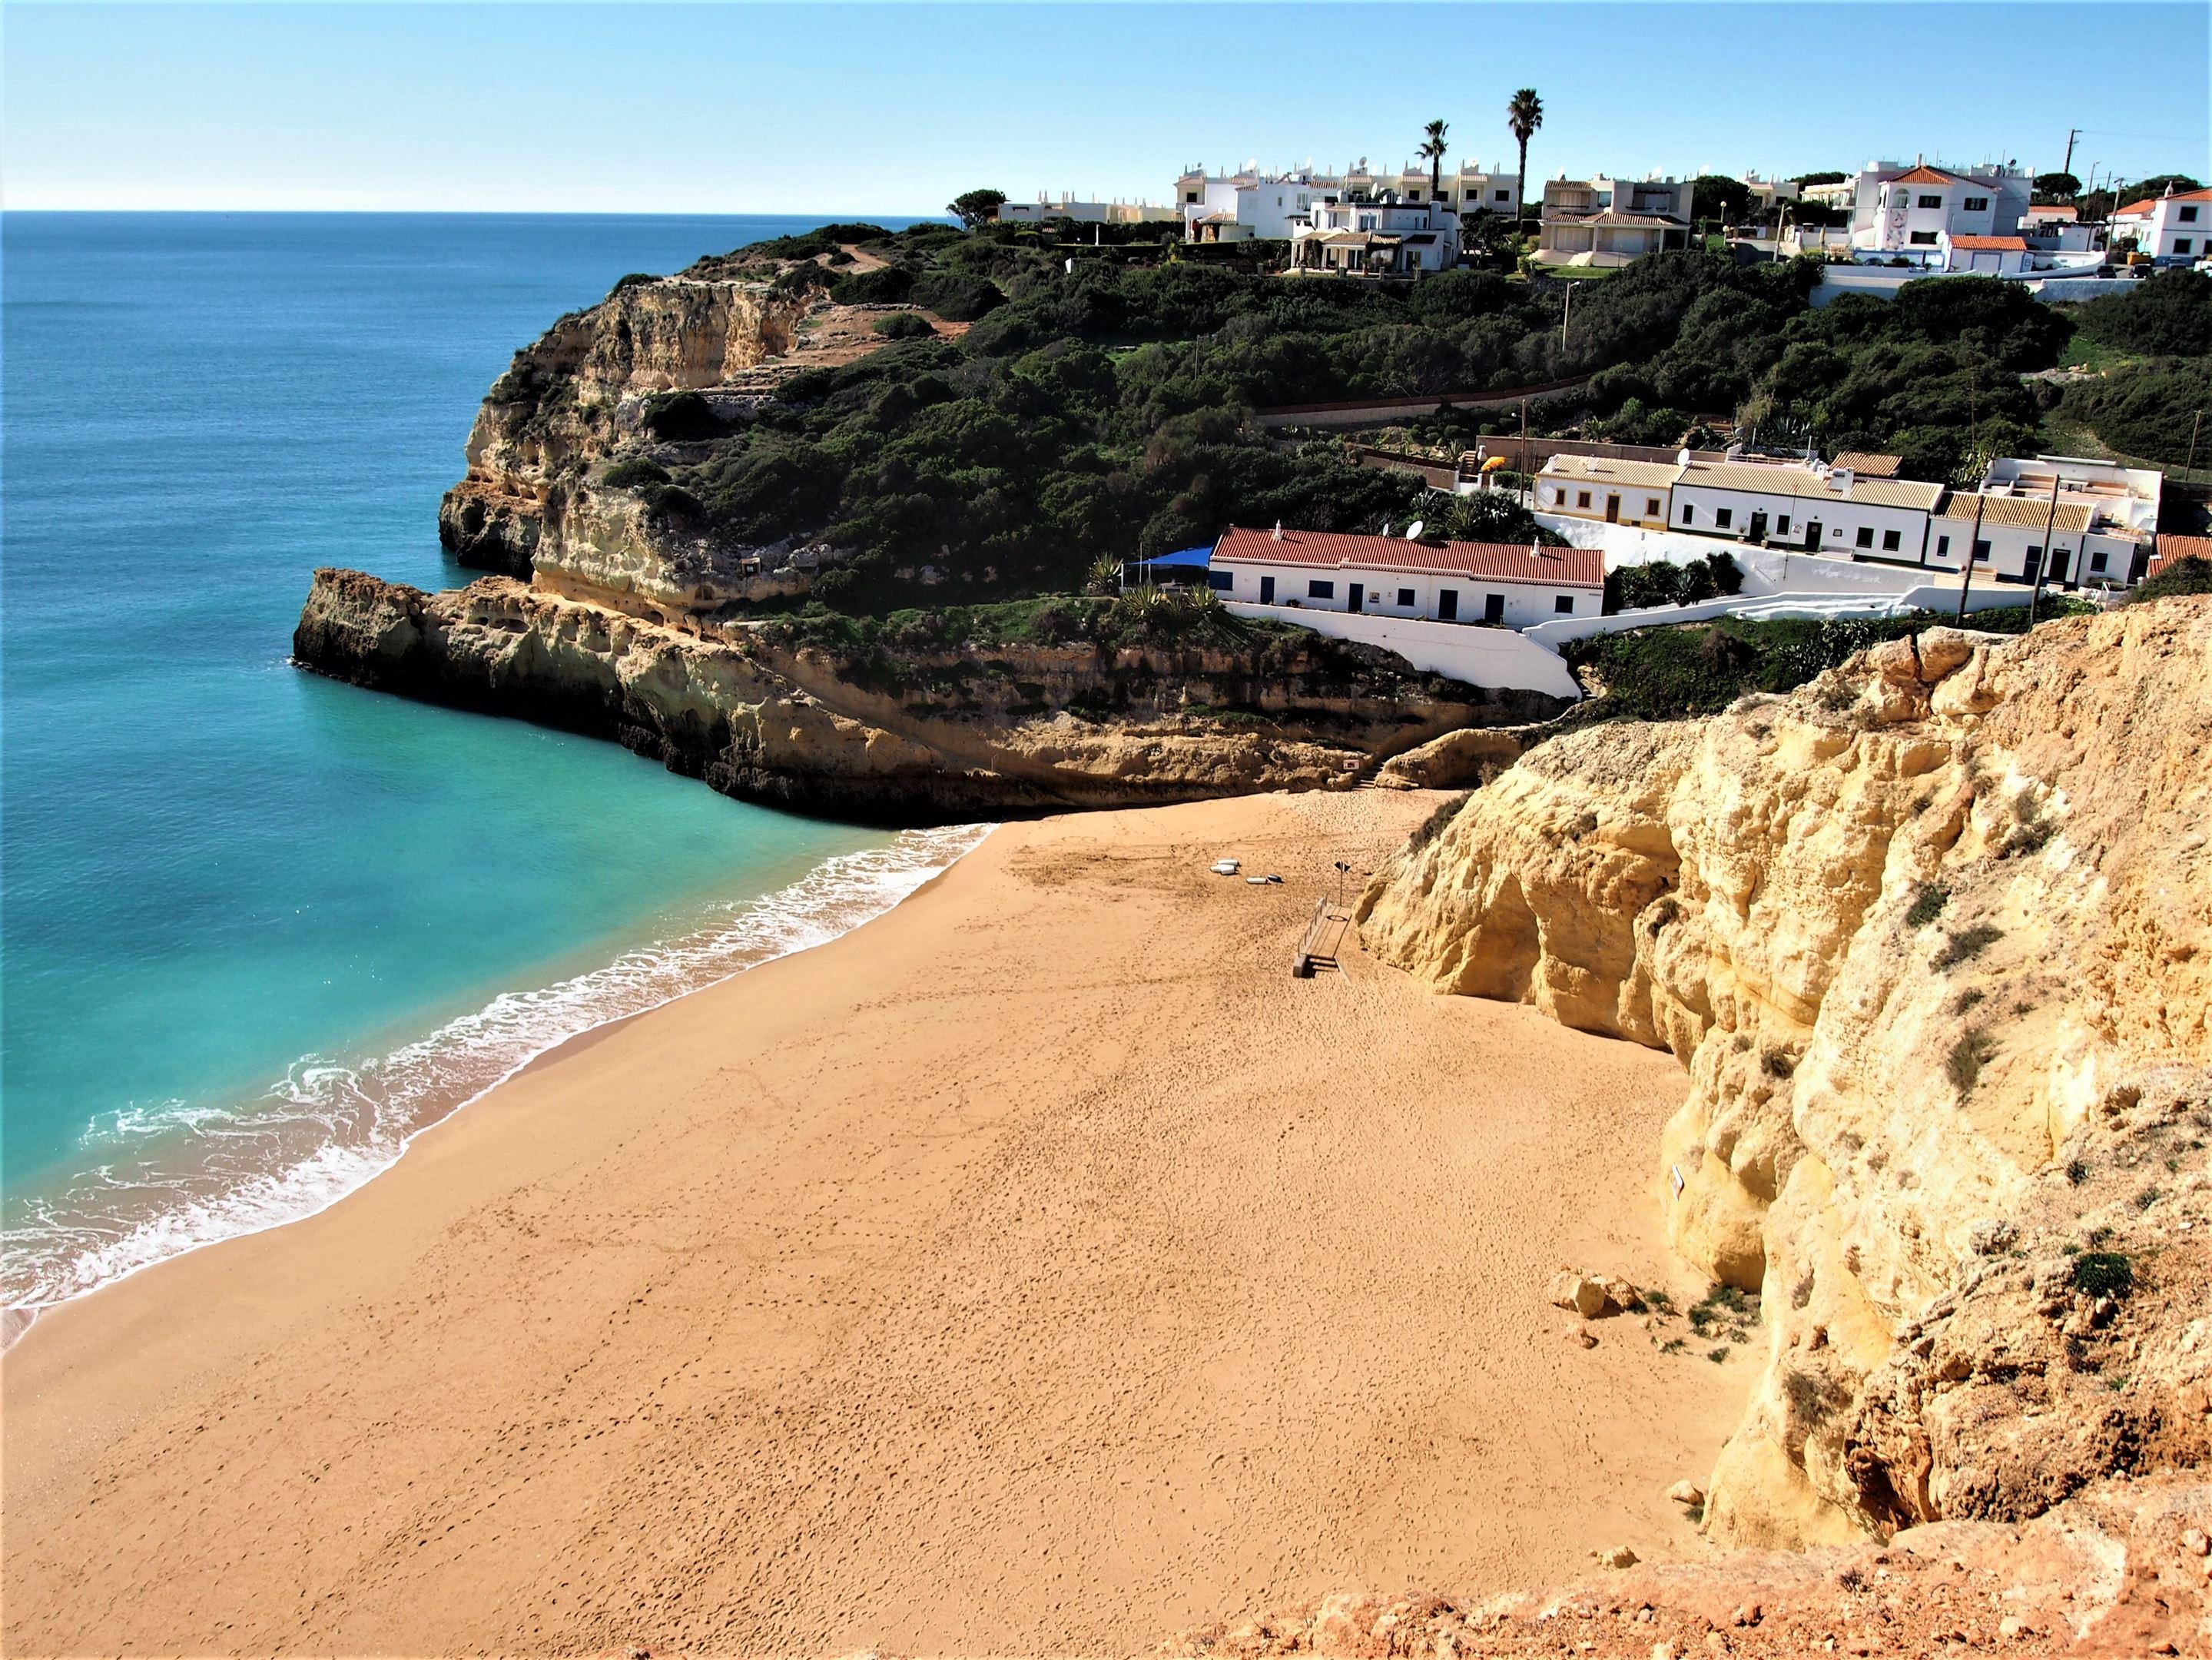 Praia do Benagil avec le village de Benagil en arrière-plan